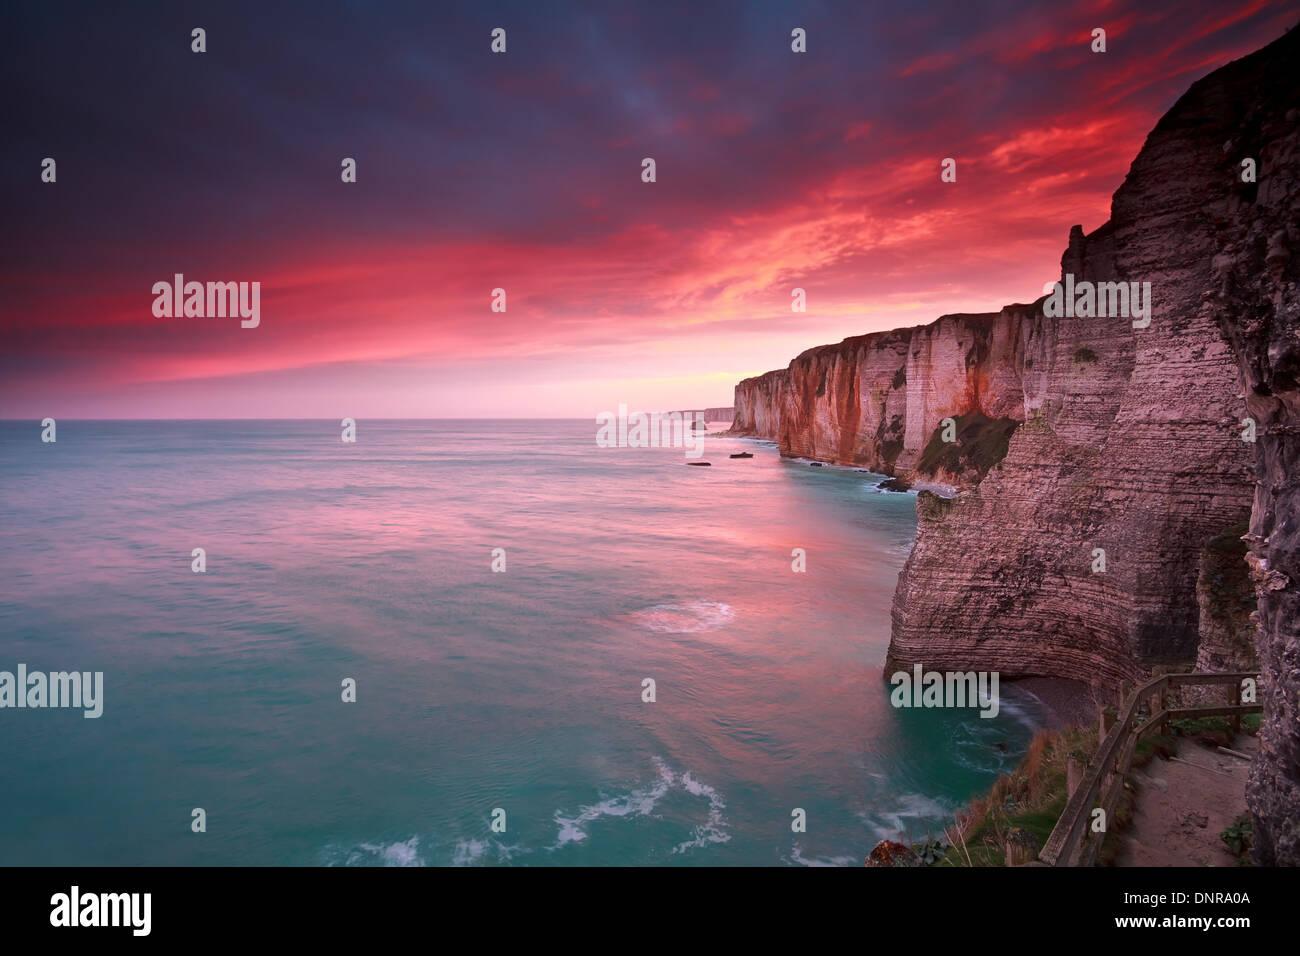 Drammatico tramonto sull oceano e scogliere, Etretat, Francia Immagini Stock